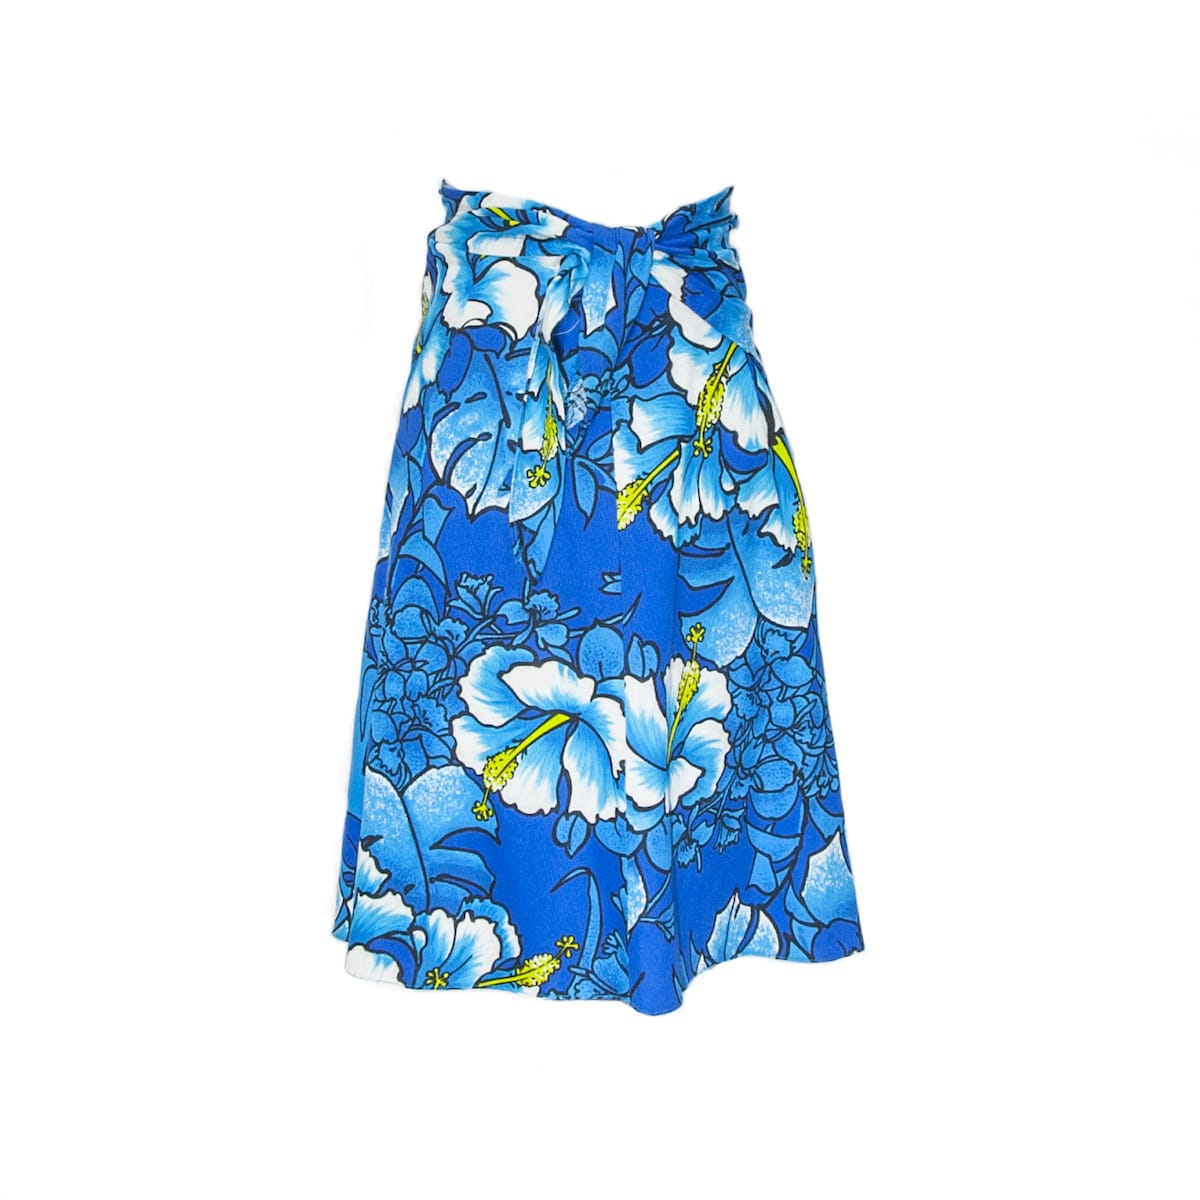 1960s blue flower print hawaiian style wrap skirt - basement